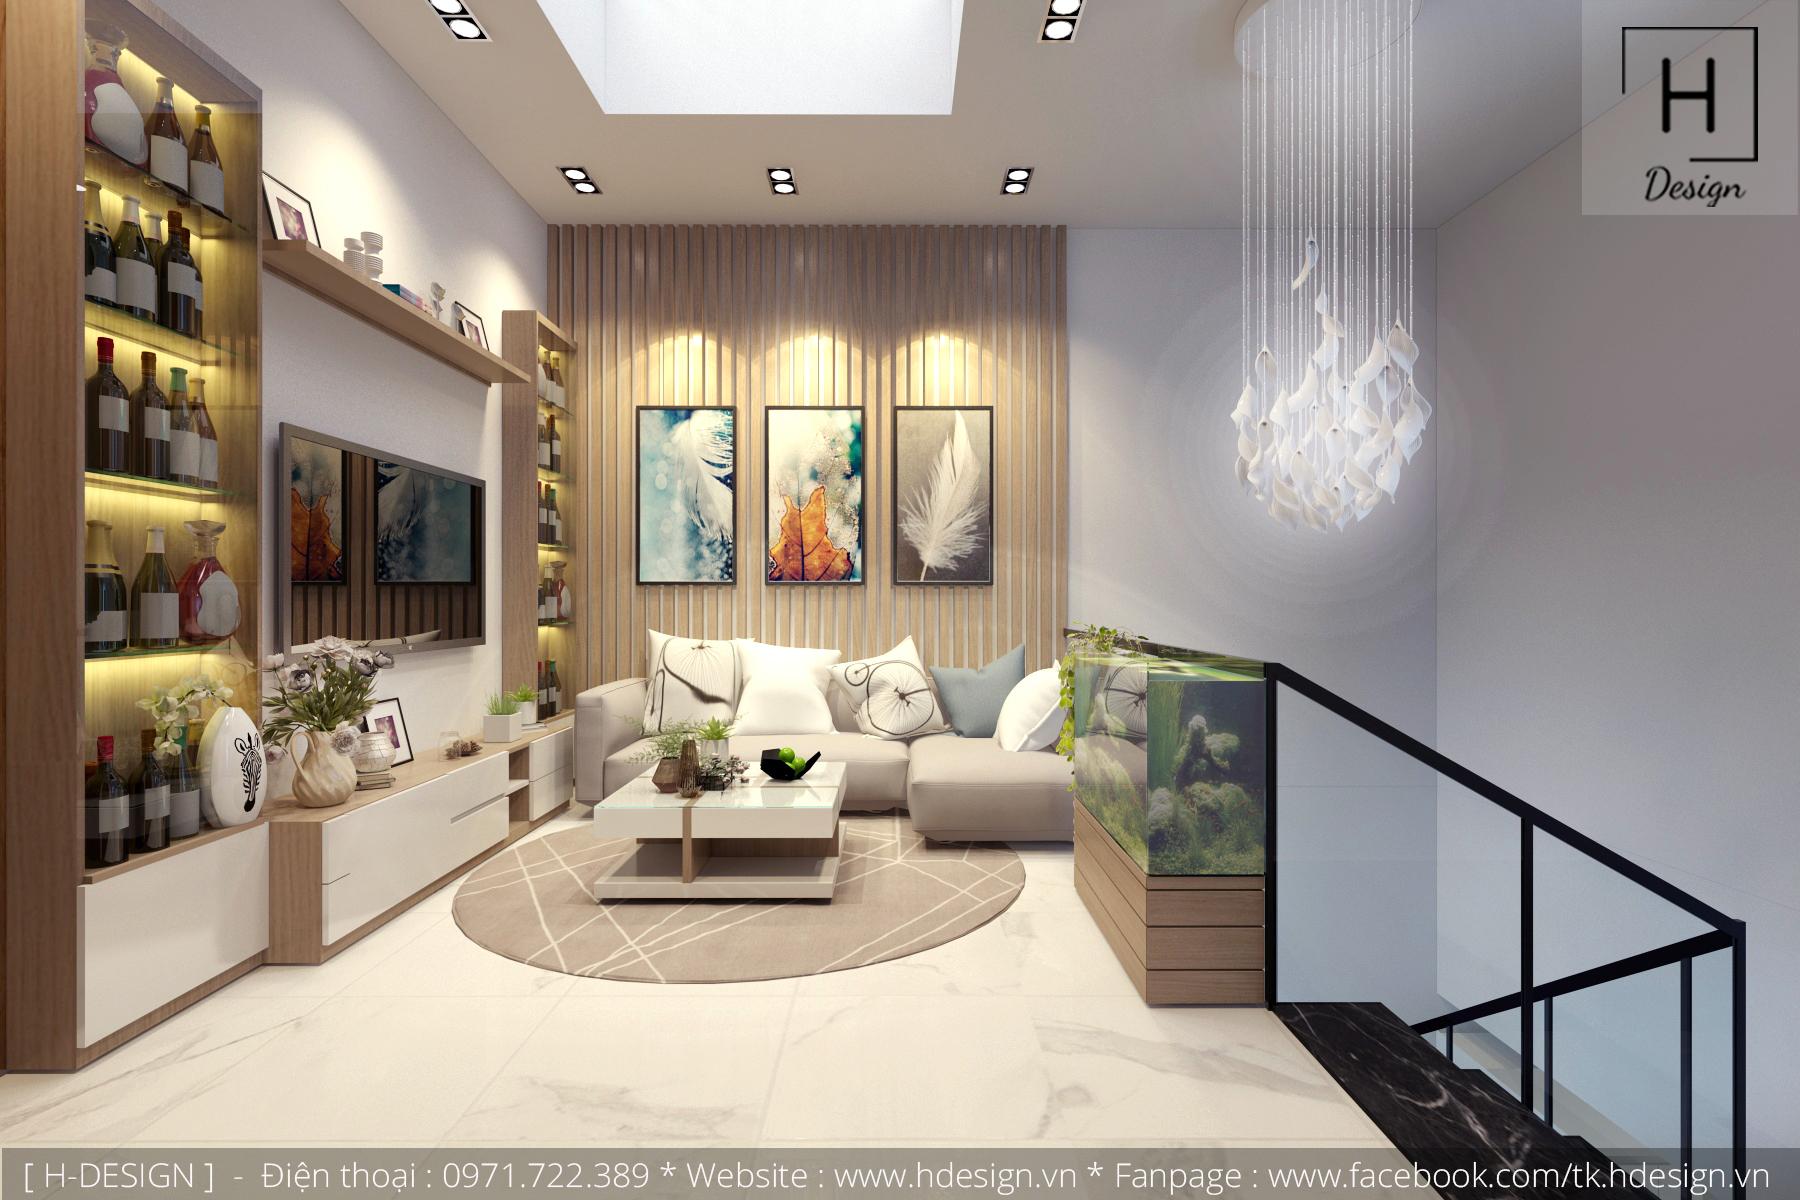 Thiết kế thi công nội thất nhà phố đẹp tại Mễ Trì - Hà Nội 18